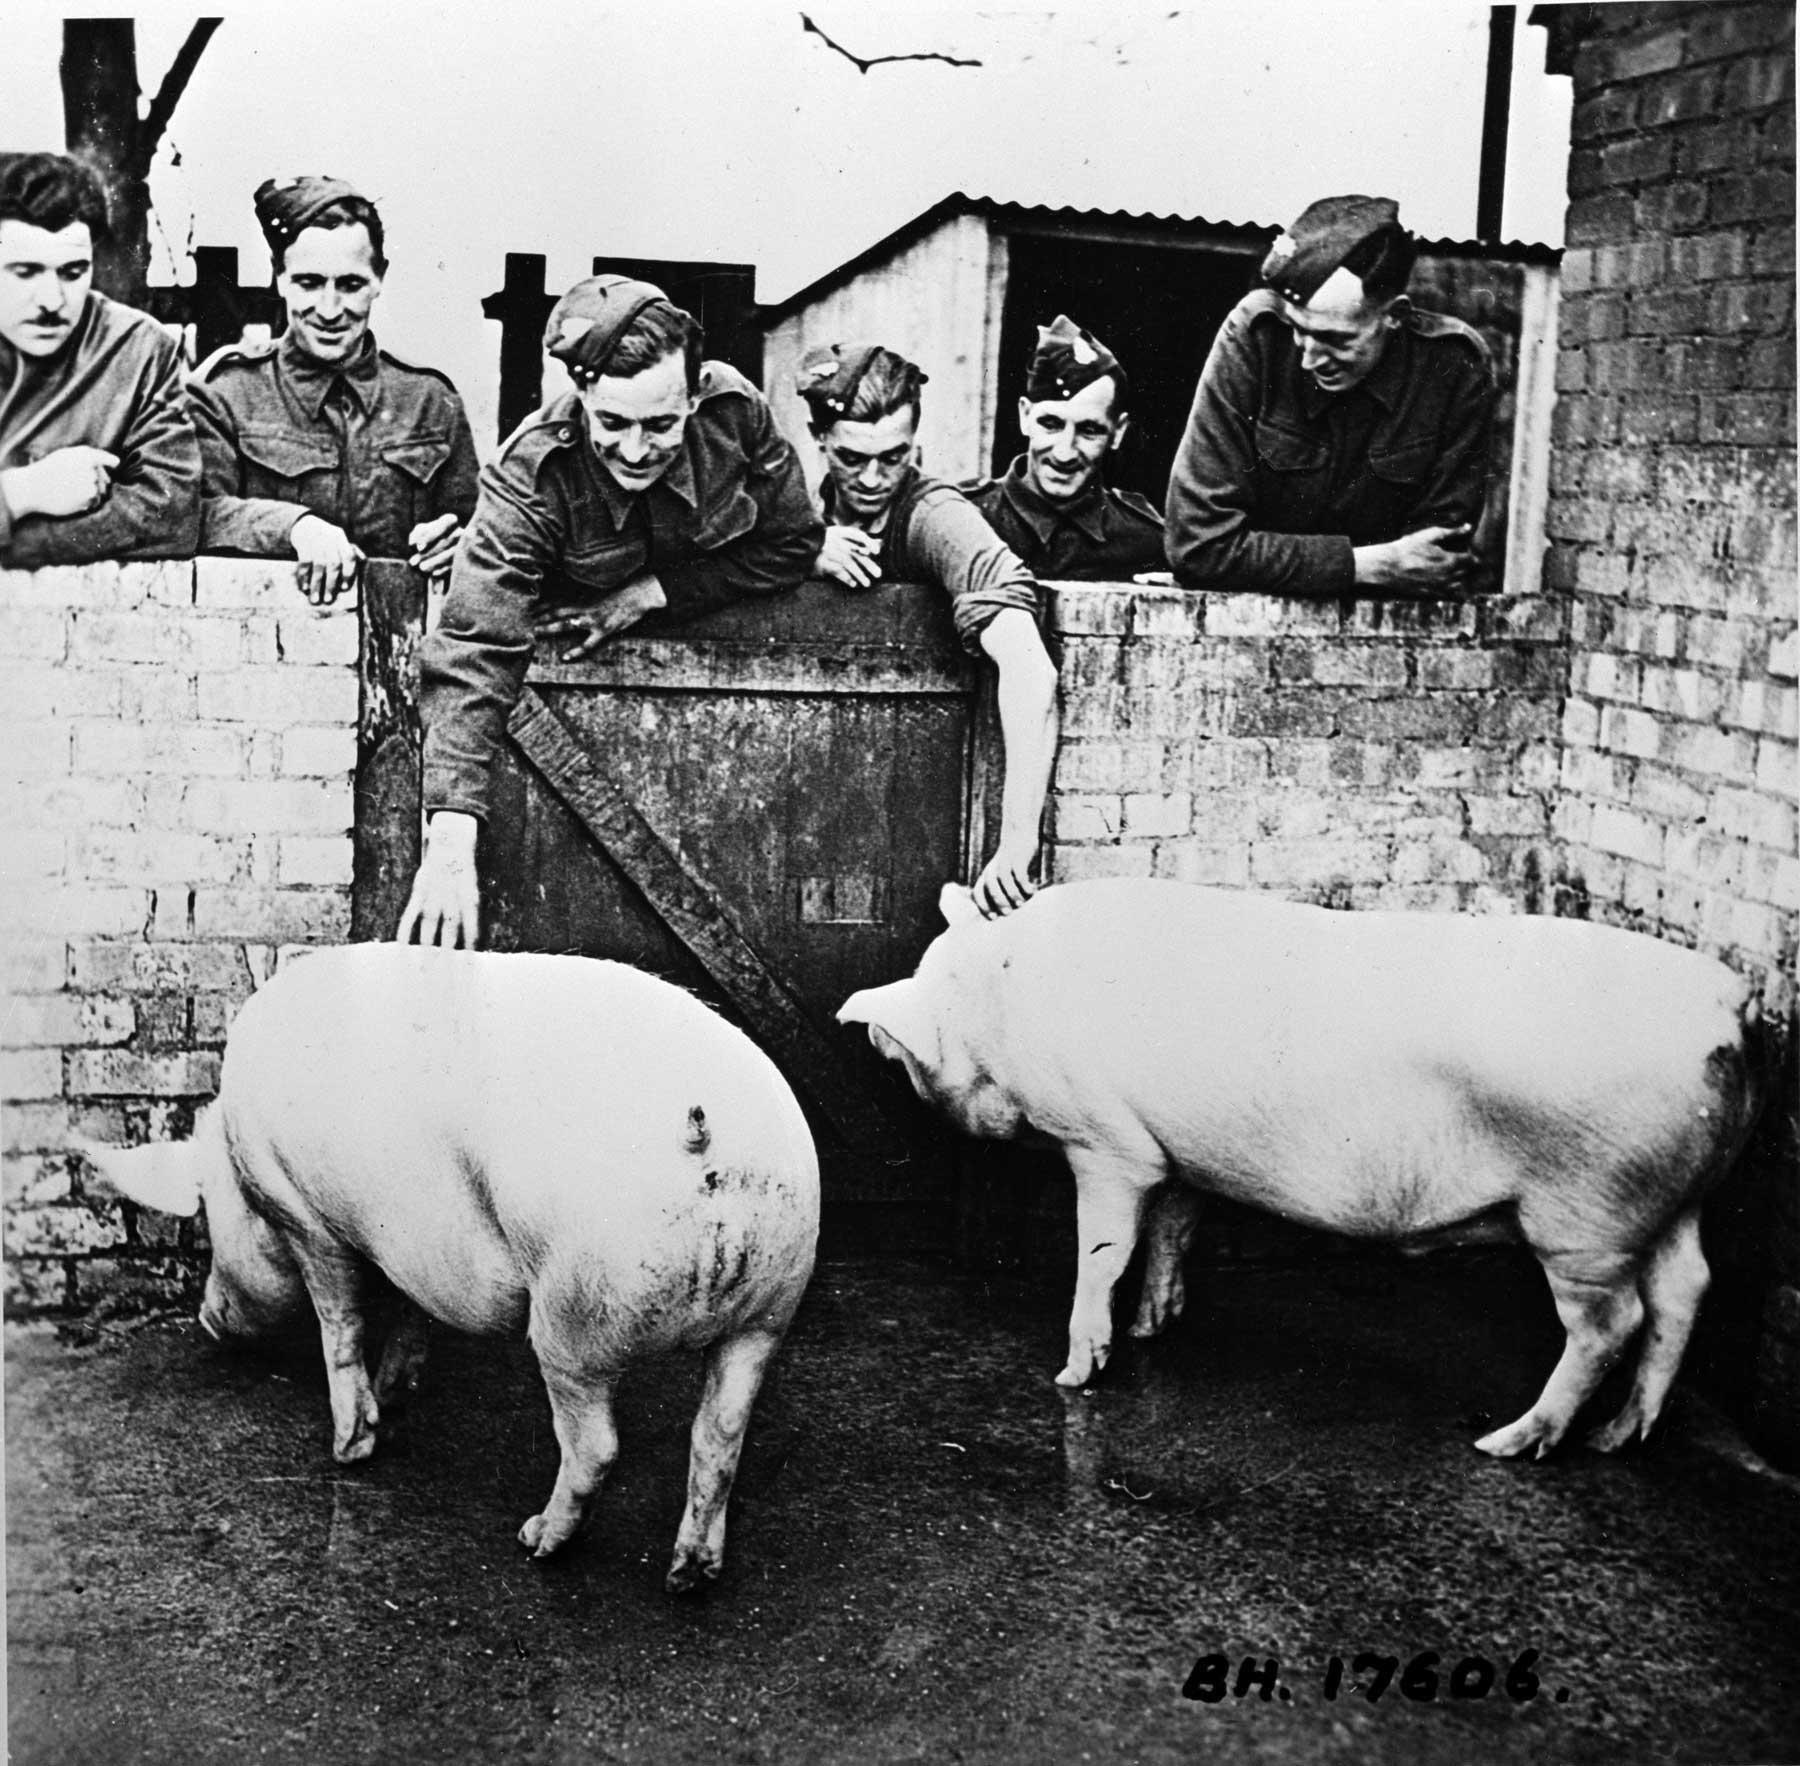 Pig clubs ww2 England